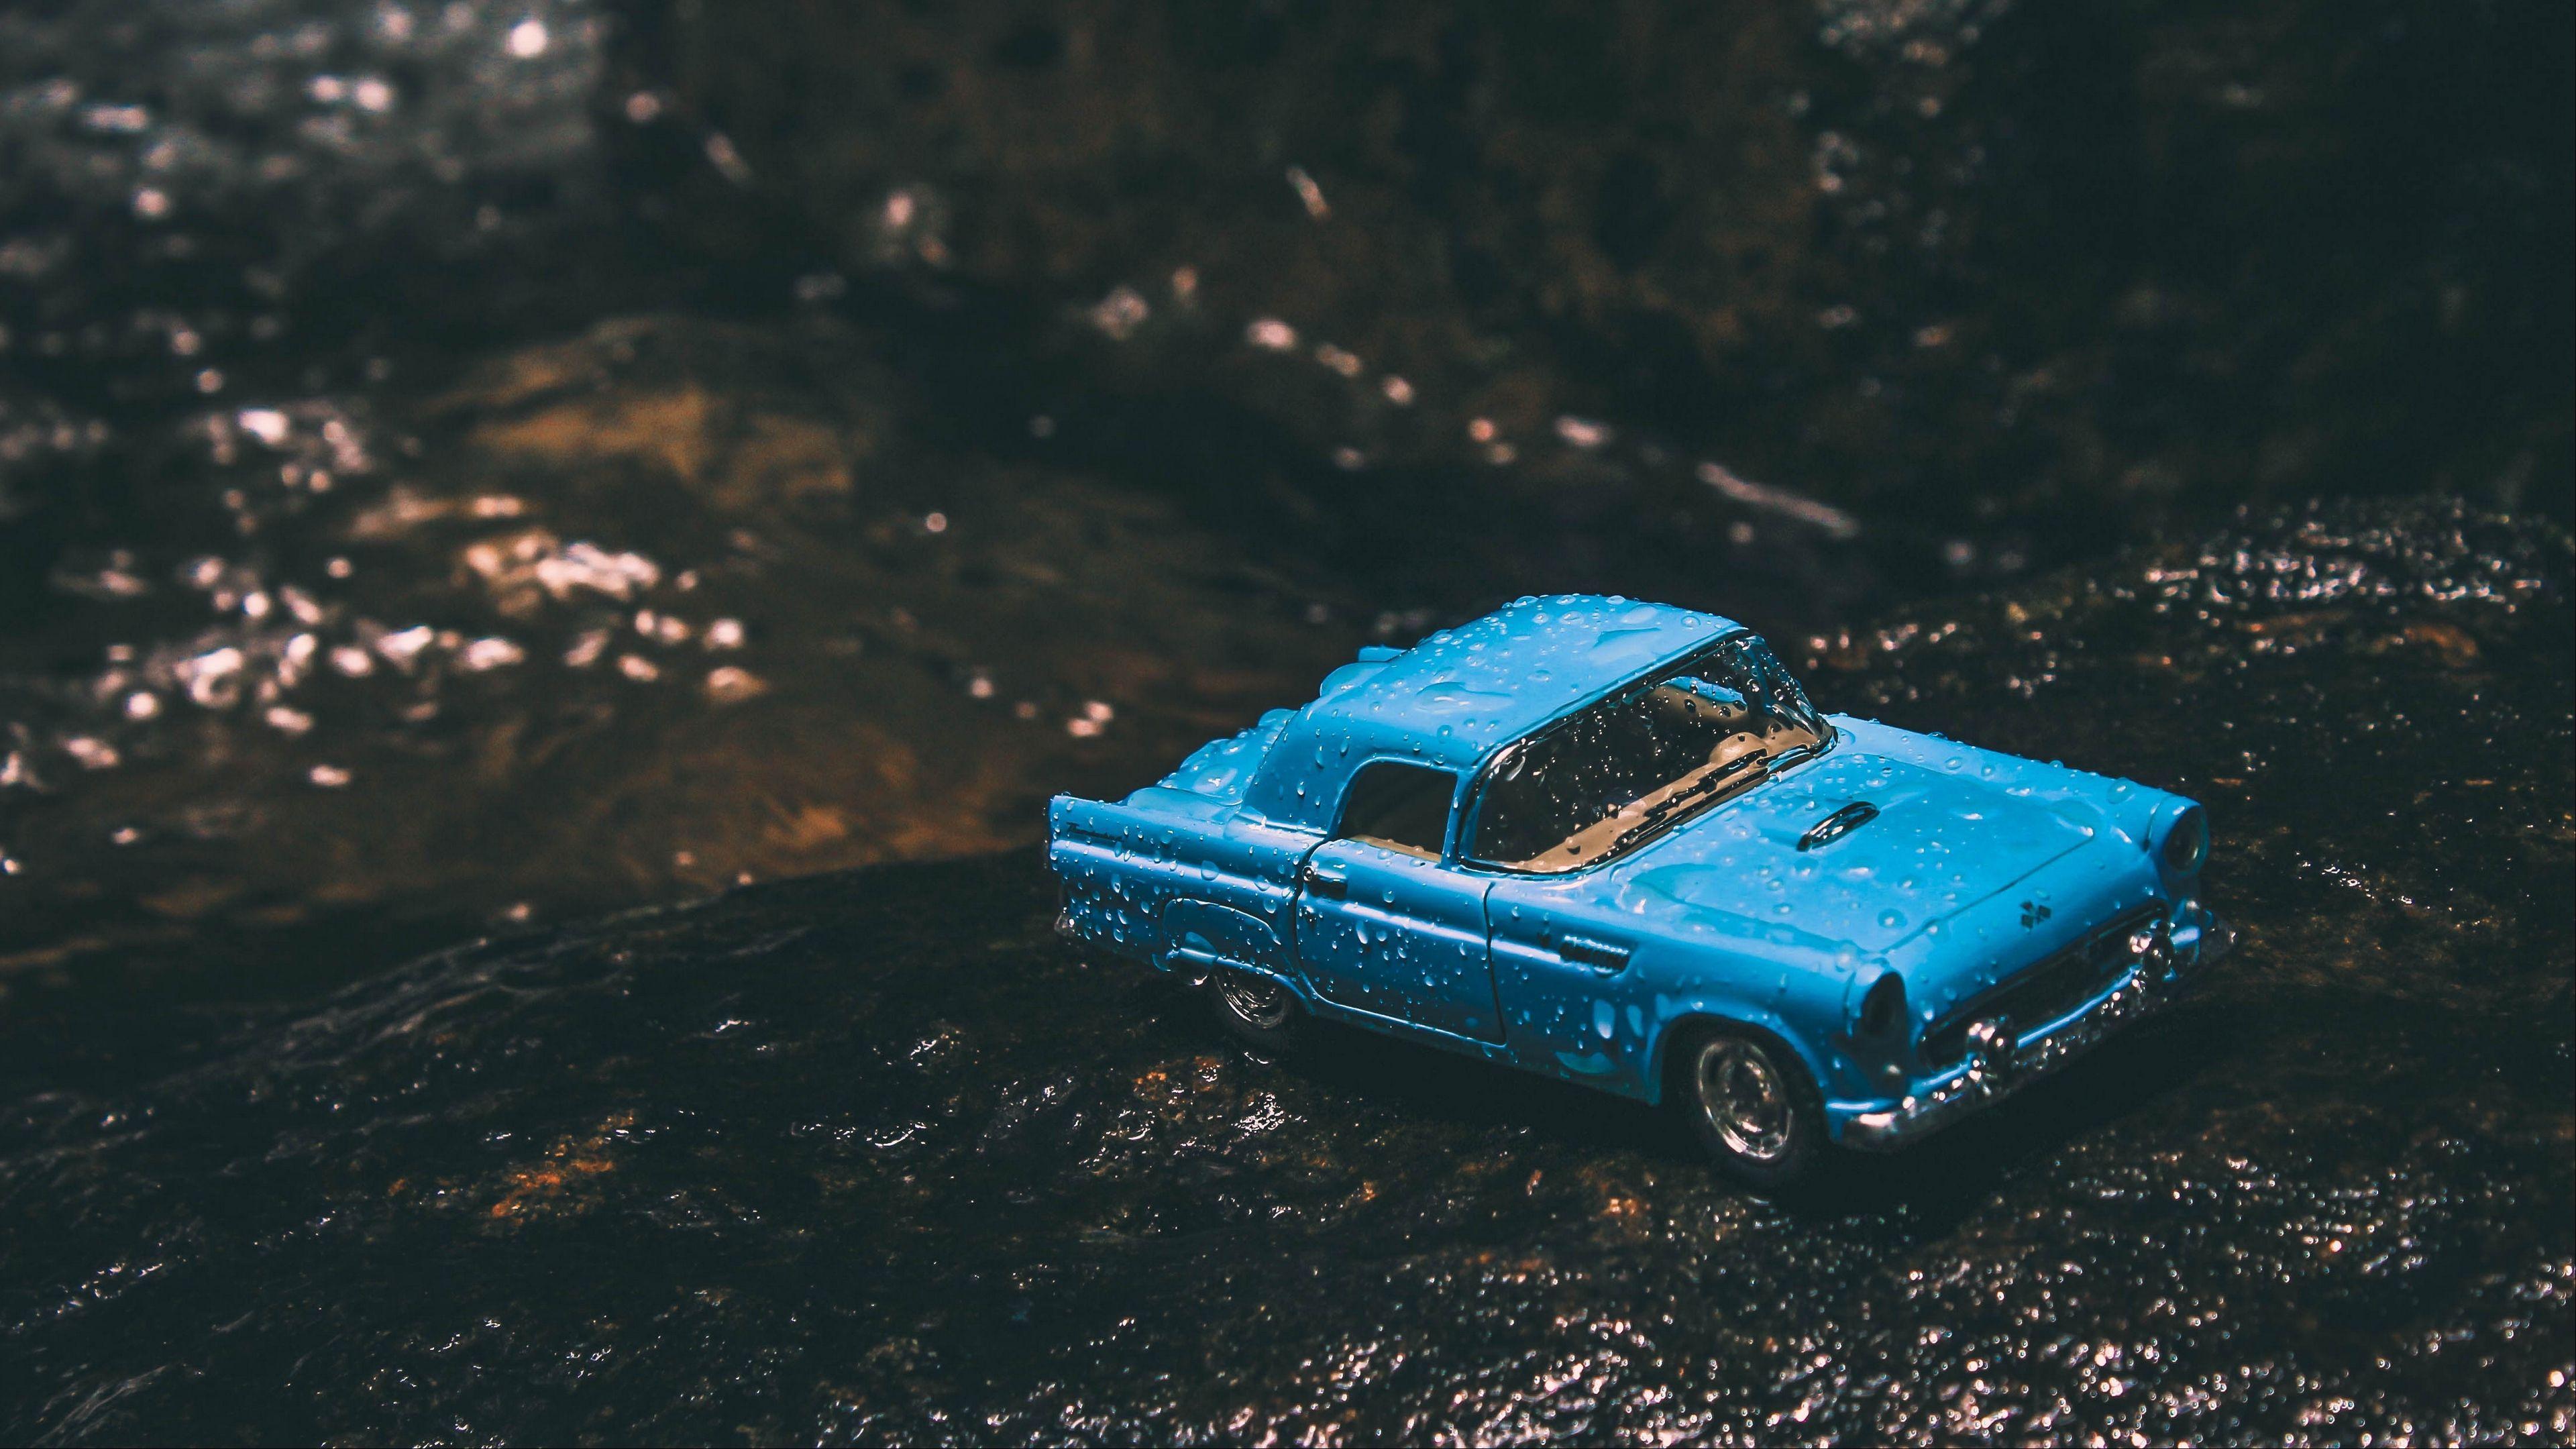 3840x2160 Tải xuống hình nền 3840x2160 xe hơi, mô hình, Đồ chơi, cổ điển, độ ẩm 4k uhd